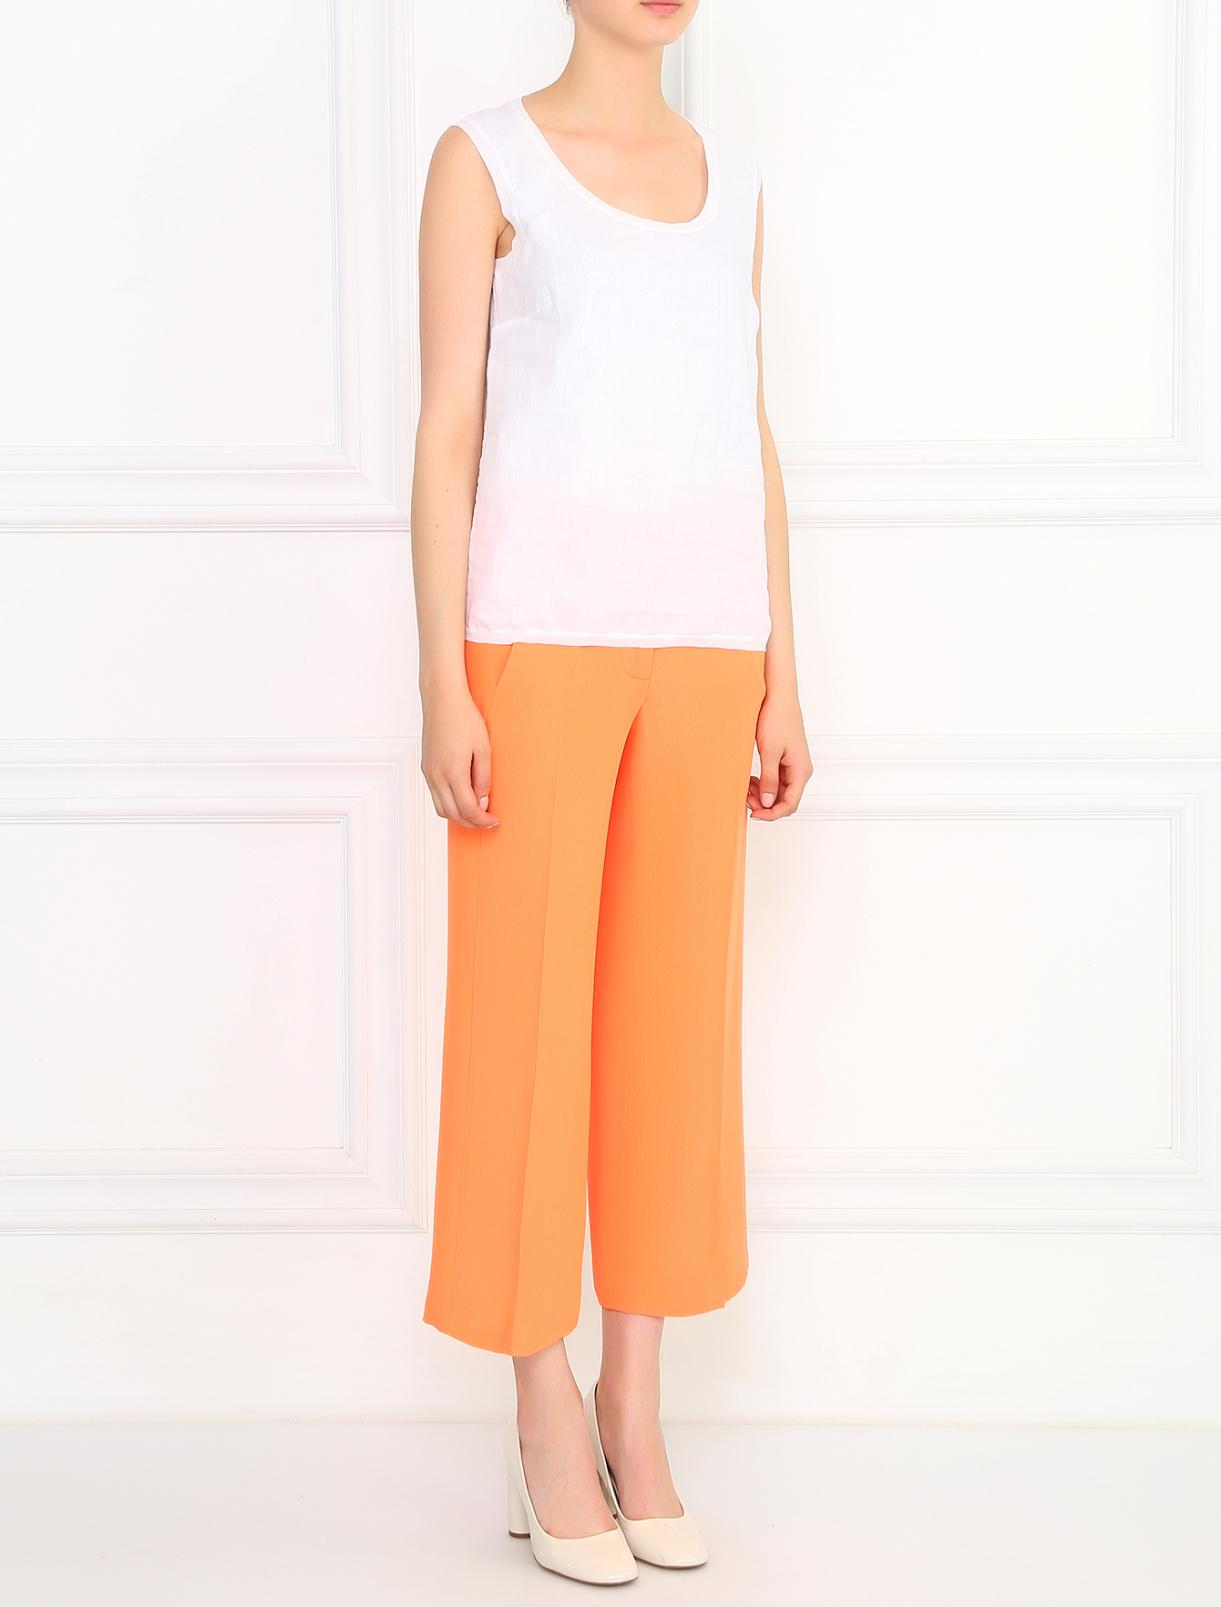 Укороченные брюки свободного кроя из смешанного шелка Cedric Charlier  –  Модель Общий вид  – Цвет:  Оранжевый